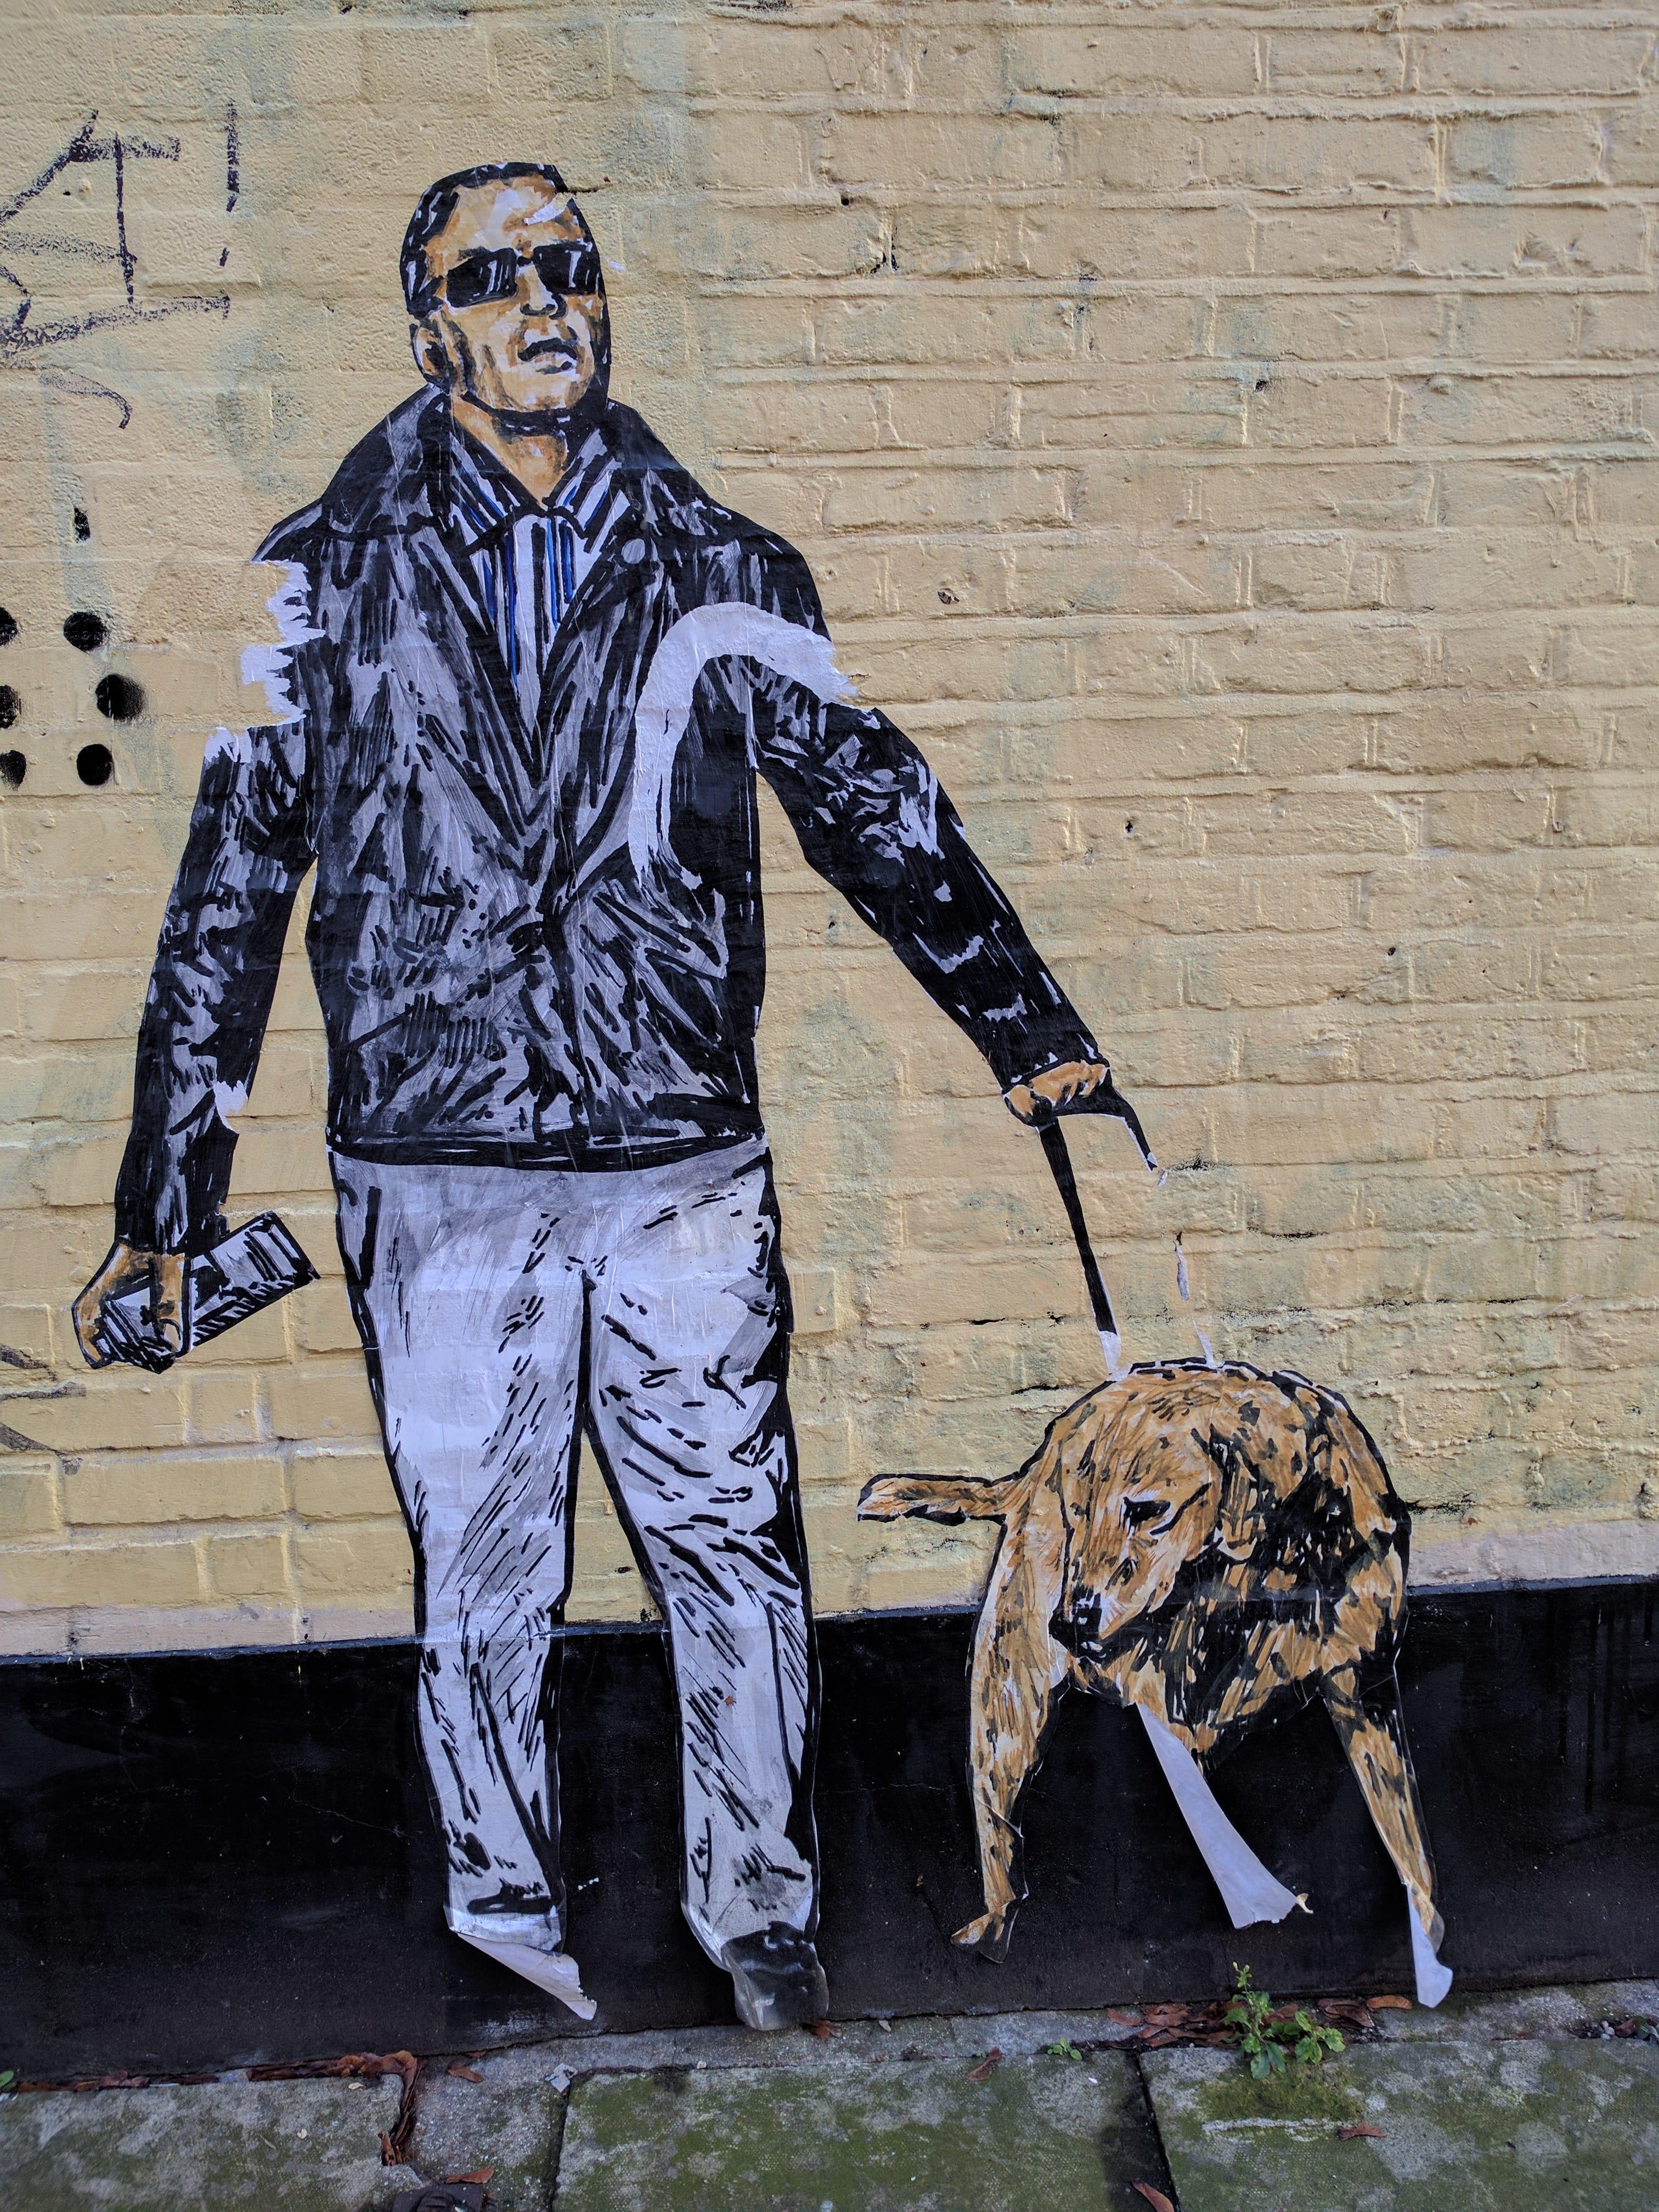 099-graffiti1